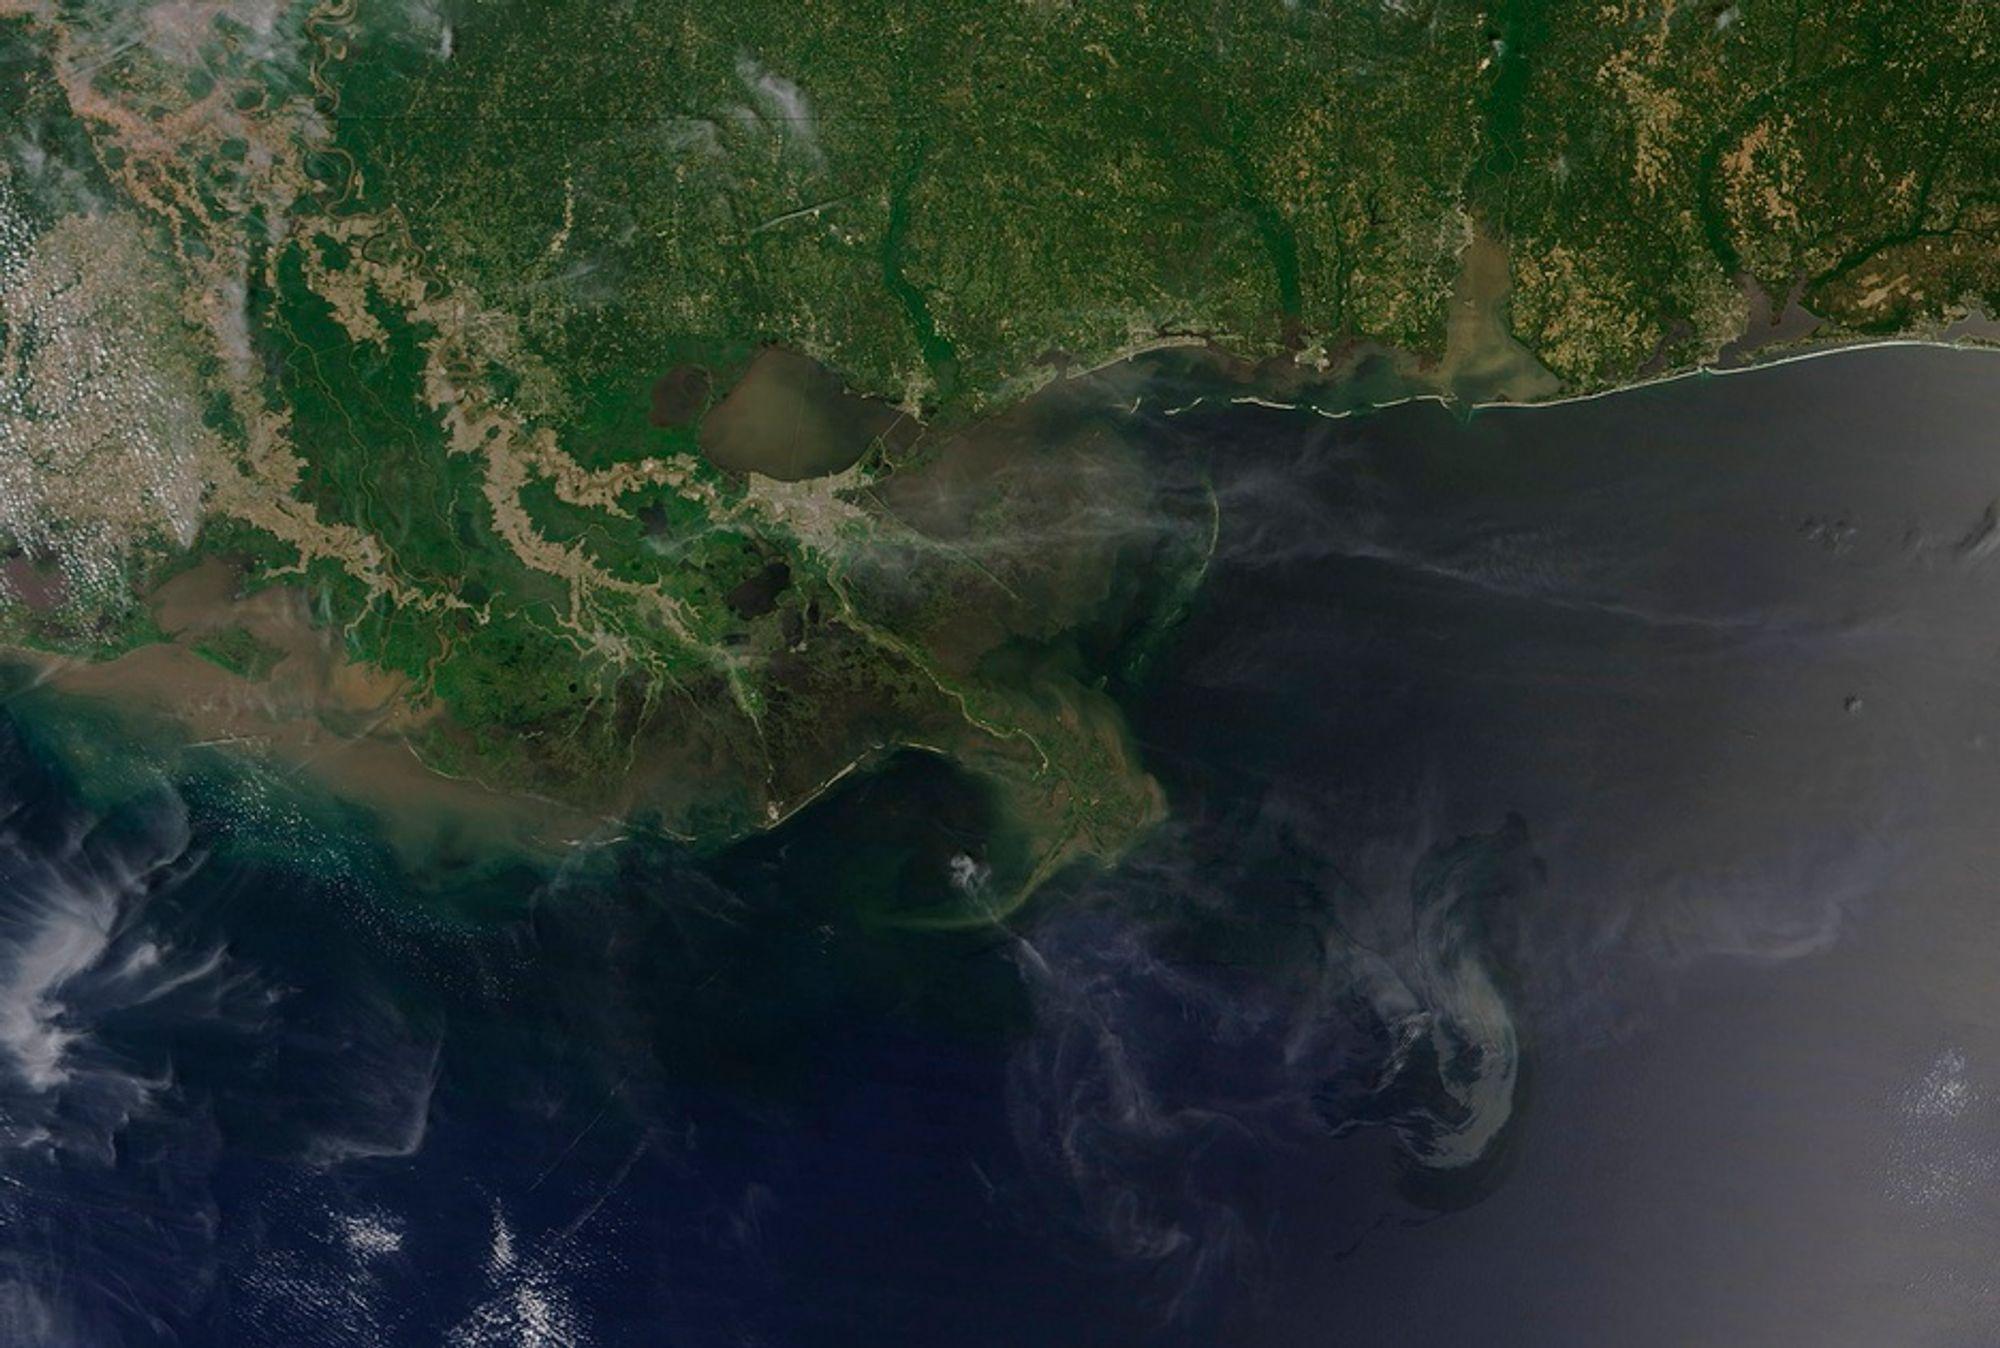 Satellittbilde av oljekatastrofen i Mexicogolfen. Petroleumstilsynet advarer om faren for store oljeulykker også i Norge.